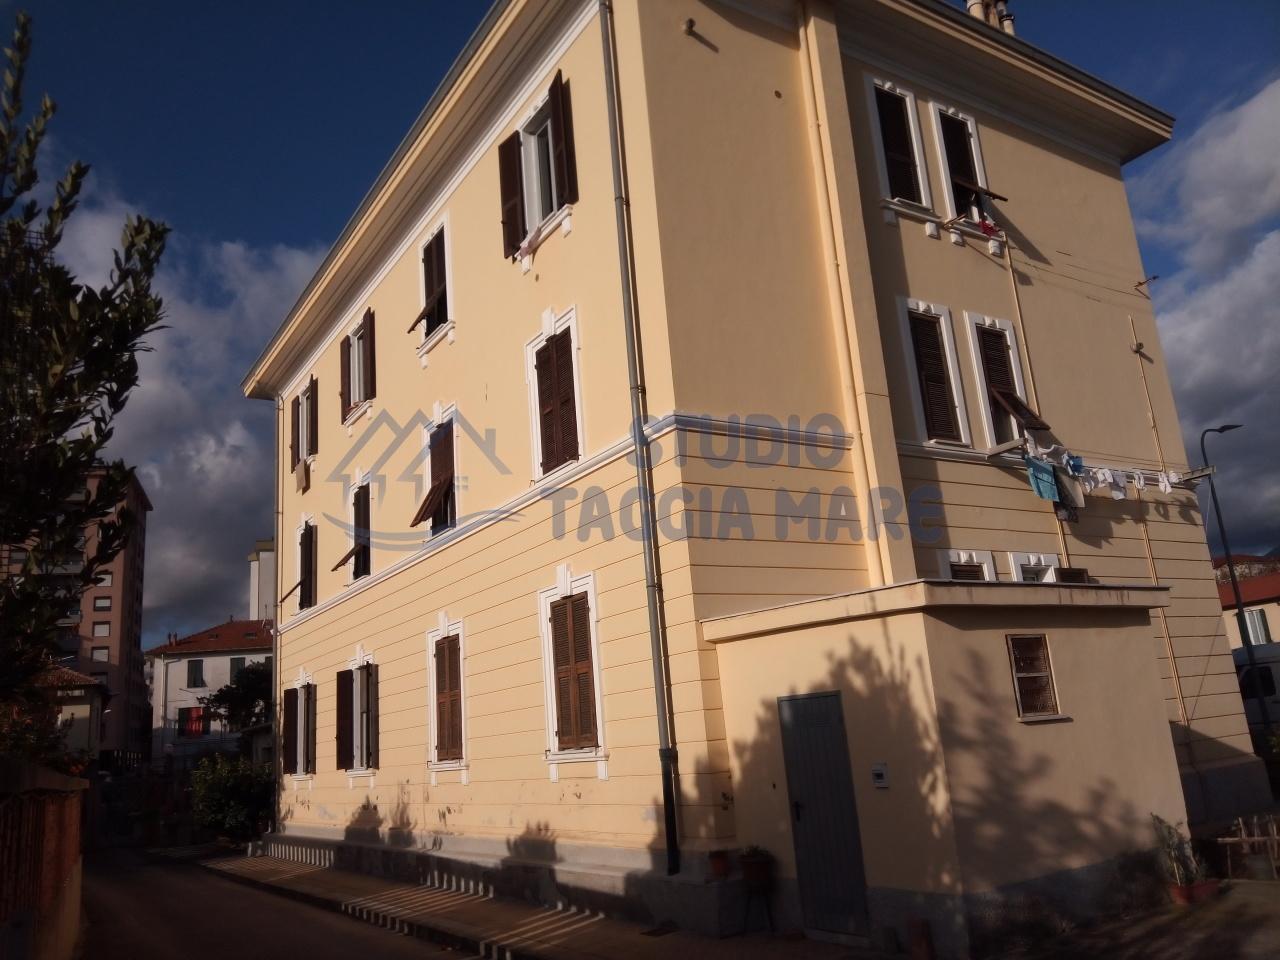 Appartamento in vendita a Taggia, 4 locali, prezzo € 190.000 | CambioCasa.it